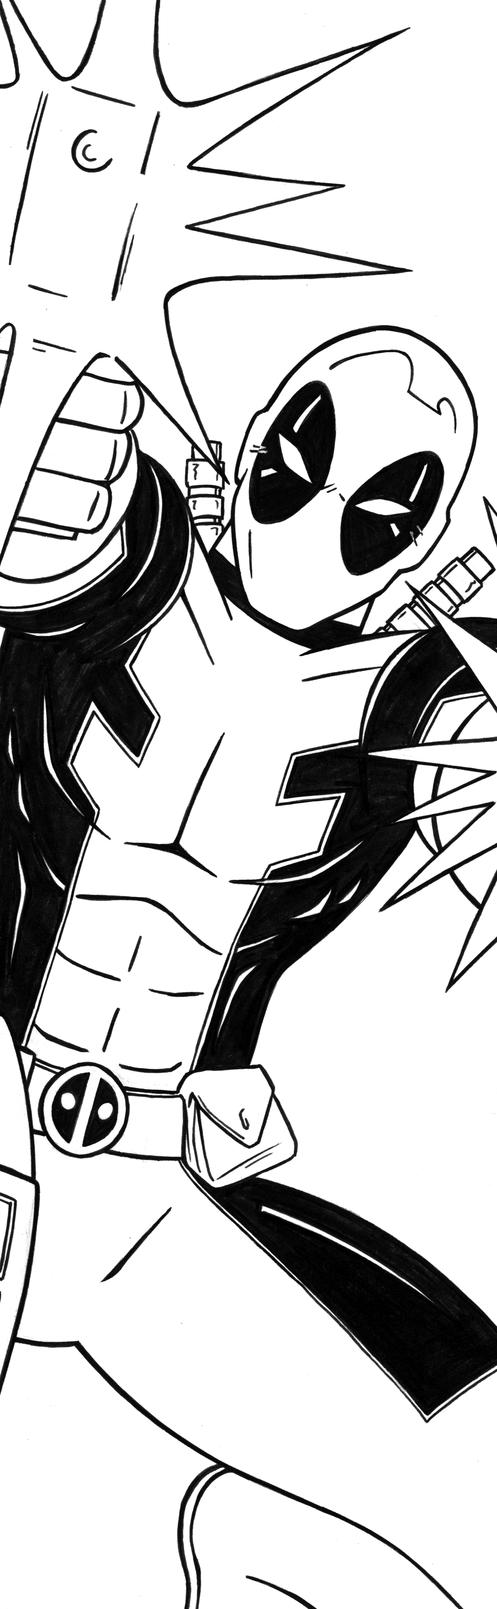 Deadpool Art inks by RichBernatovech